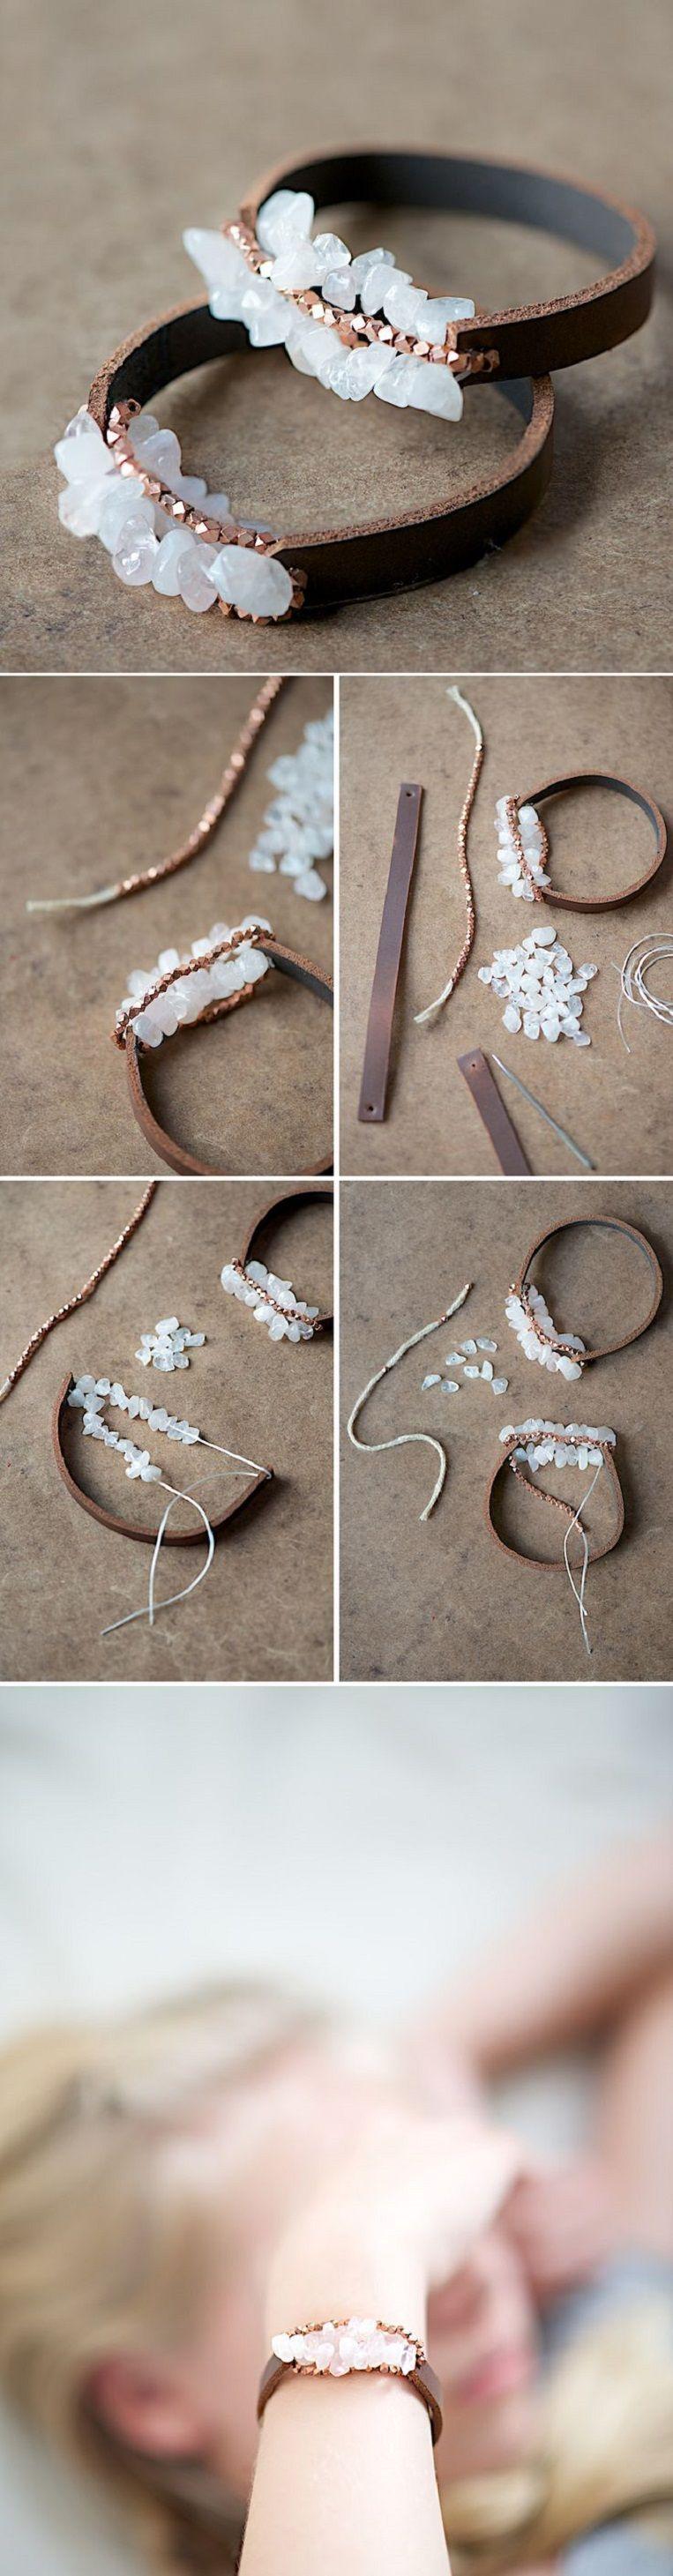 Do It Yourself Jewelry: DIY Leather Braid Strands Bracelet.